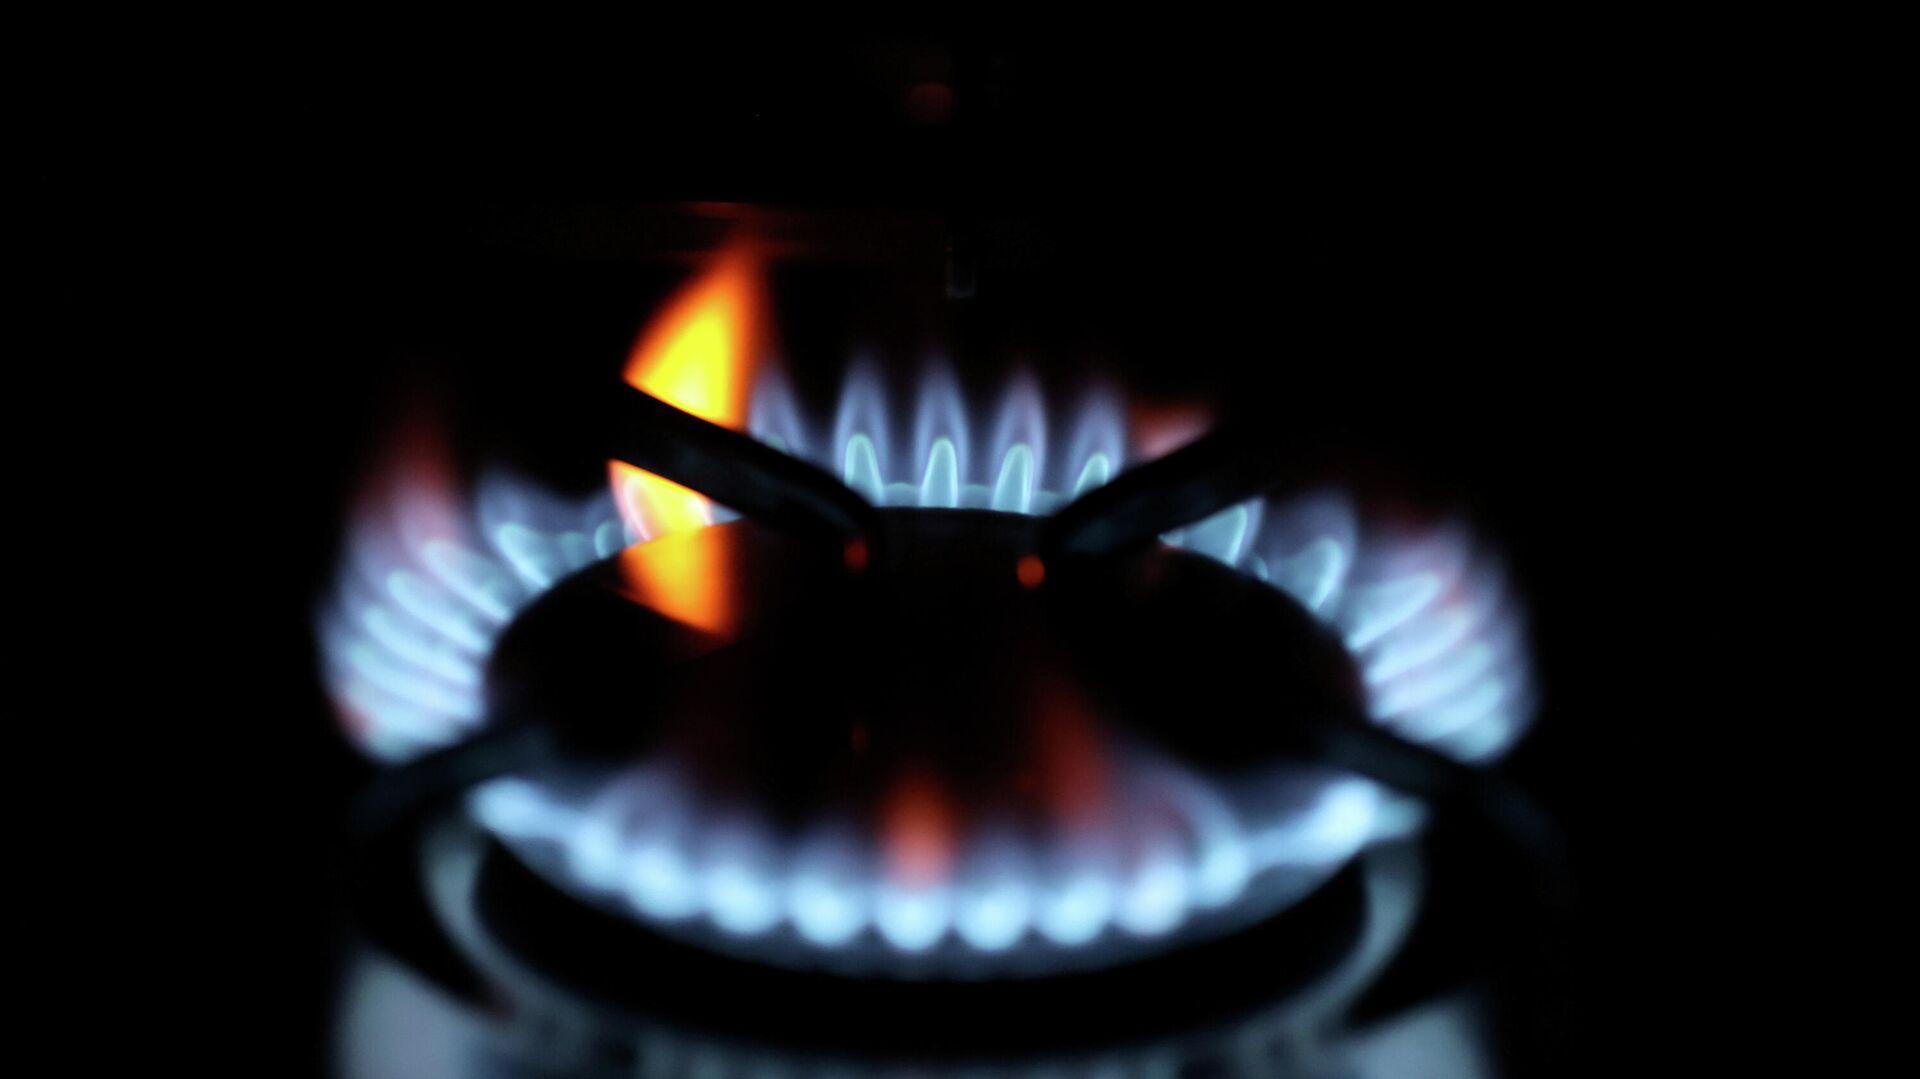 Las llamas de gas doméstico en un estufa - Sputnik Mundo, 1920, 09.10.2021